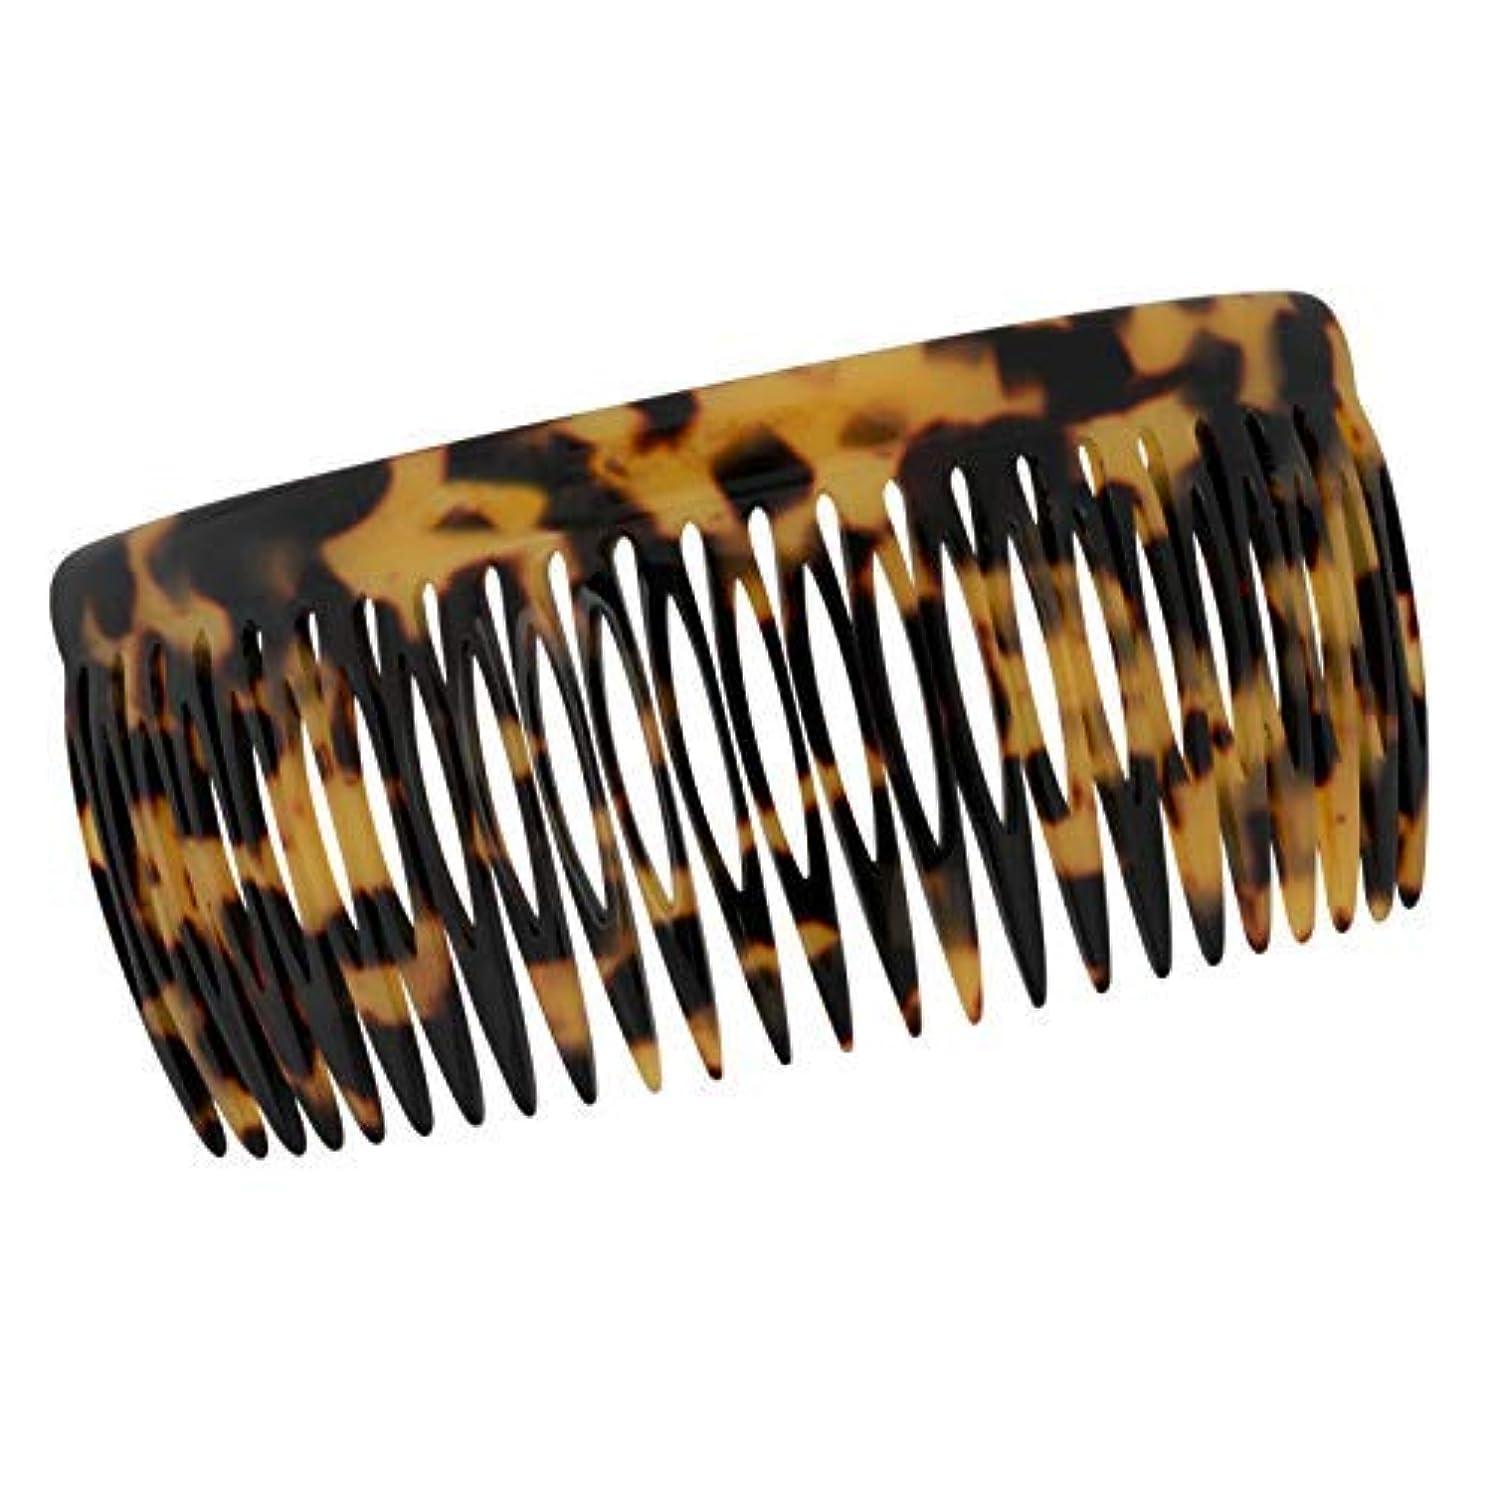 居眠りするコンパイル素晴らしきCharles J. Wahba Long Classic Long Side Comb - 24 Teeth - Handmade in France (Tokyo Tortoise Color) [並行輸入品]